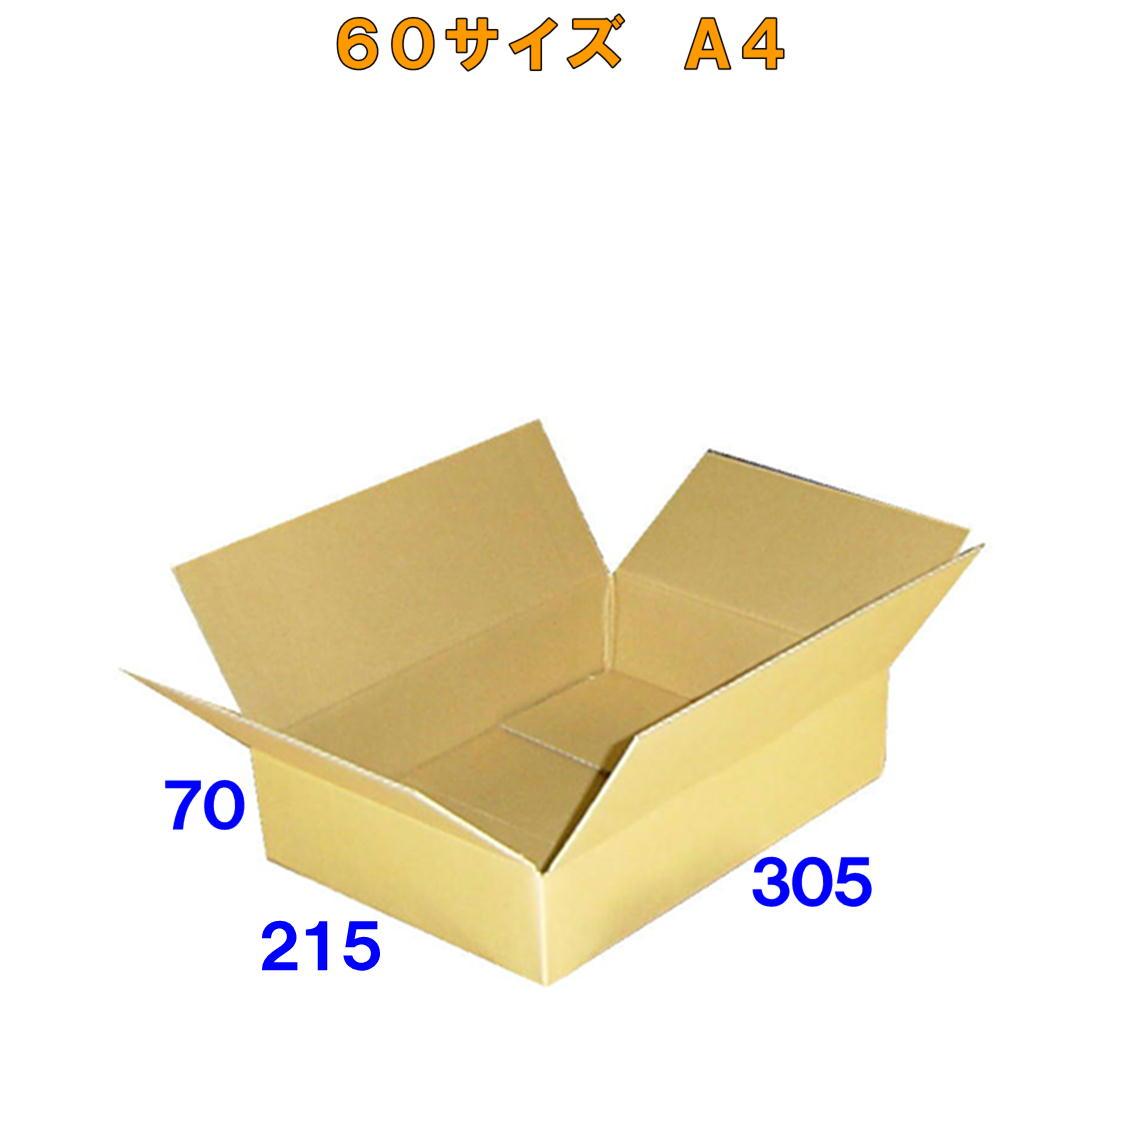 【送料無料】60サイズダンボール 箱 A4 150枚※ヤマト運輸での配送です※